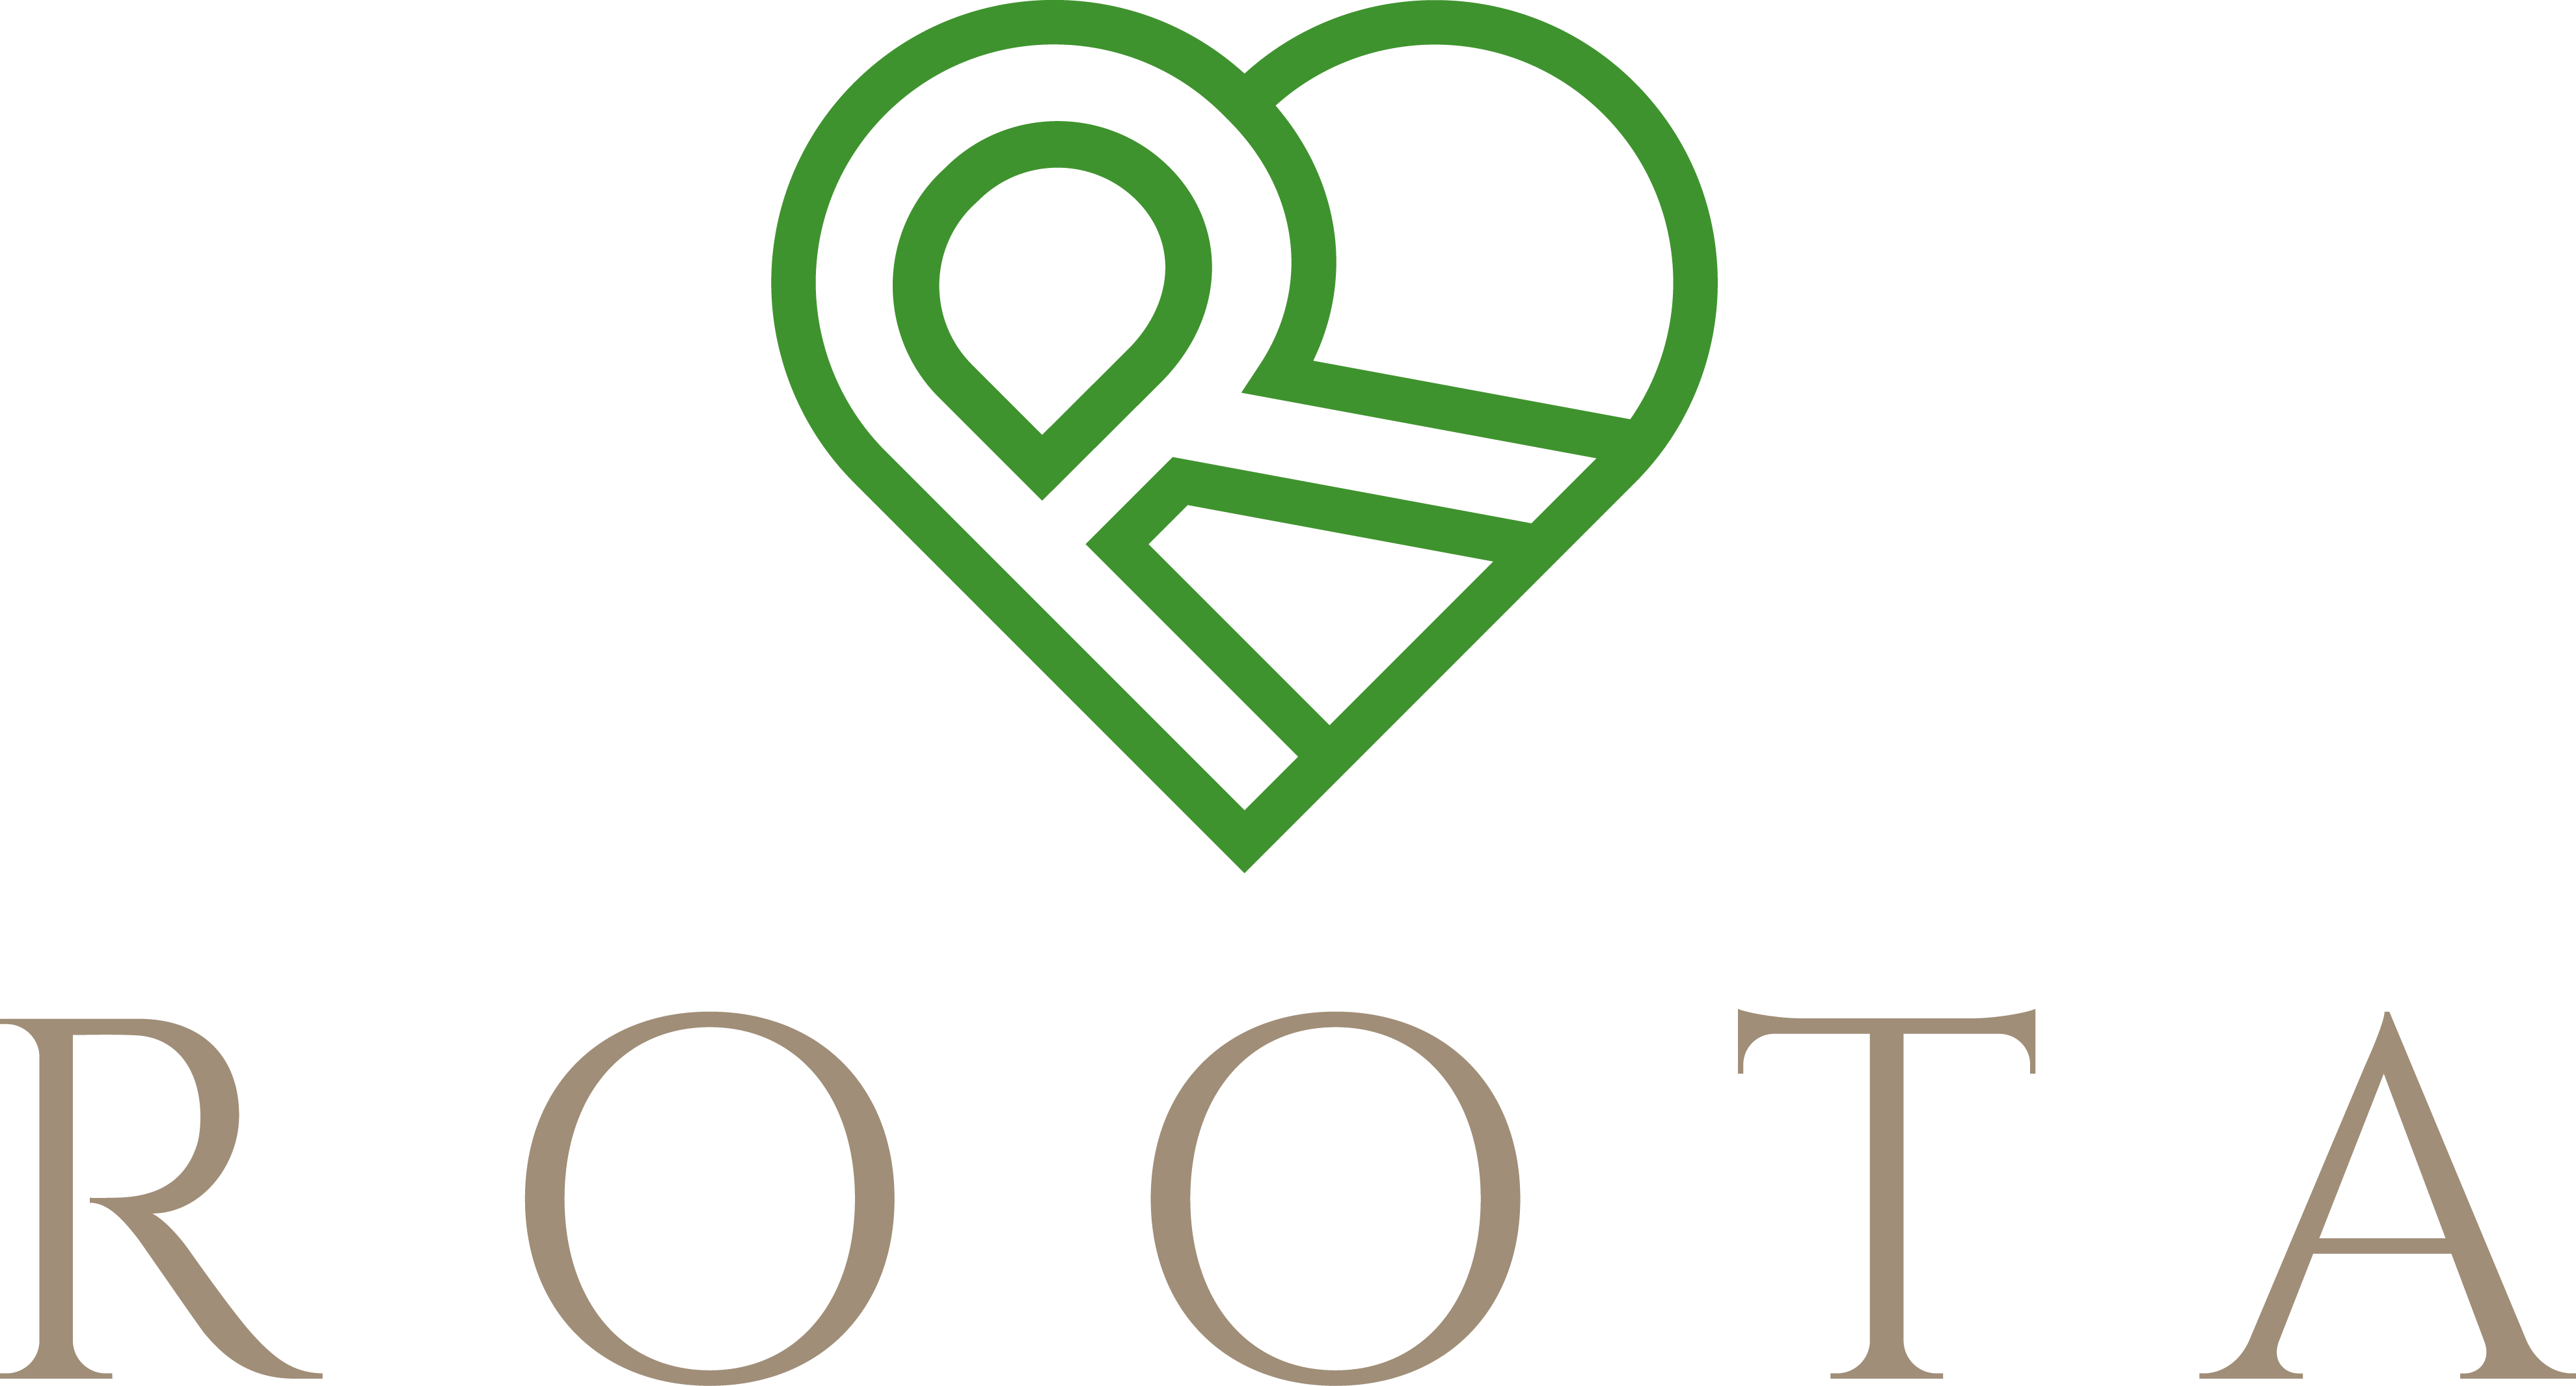 ROOTA.be